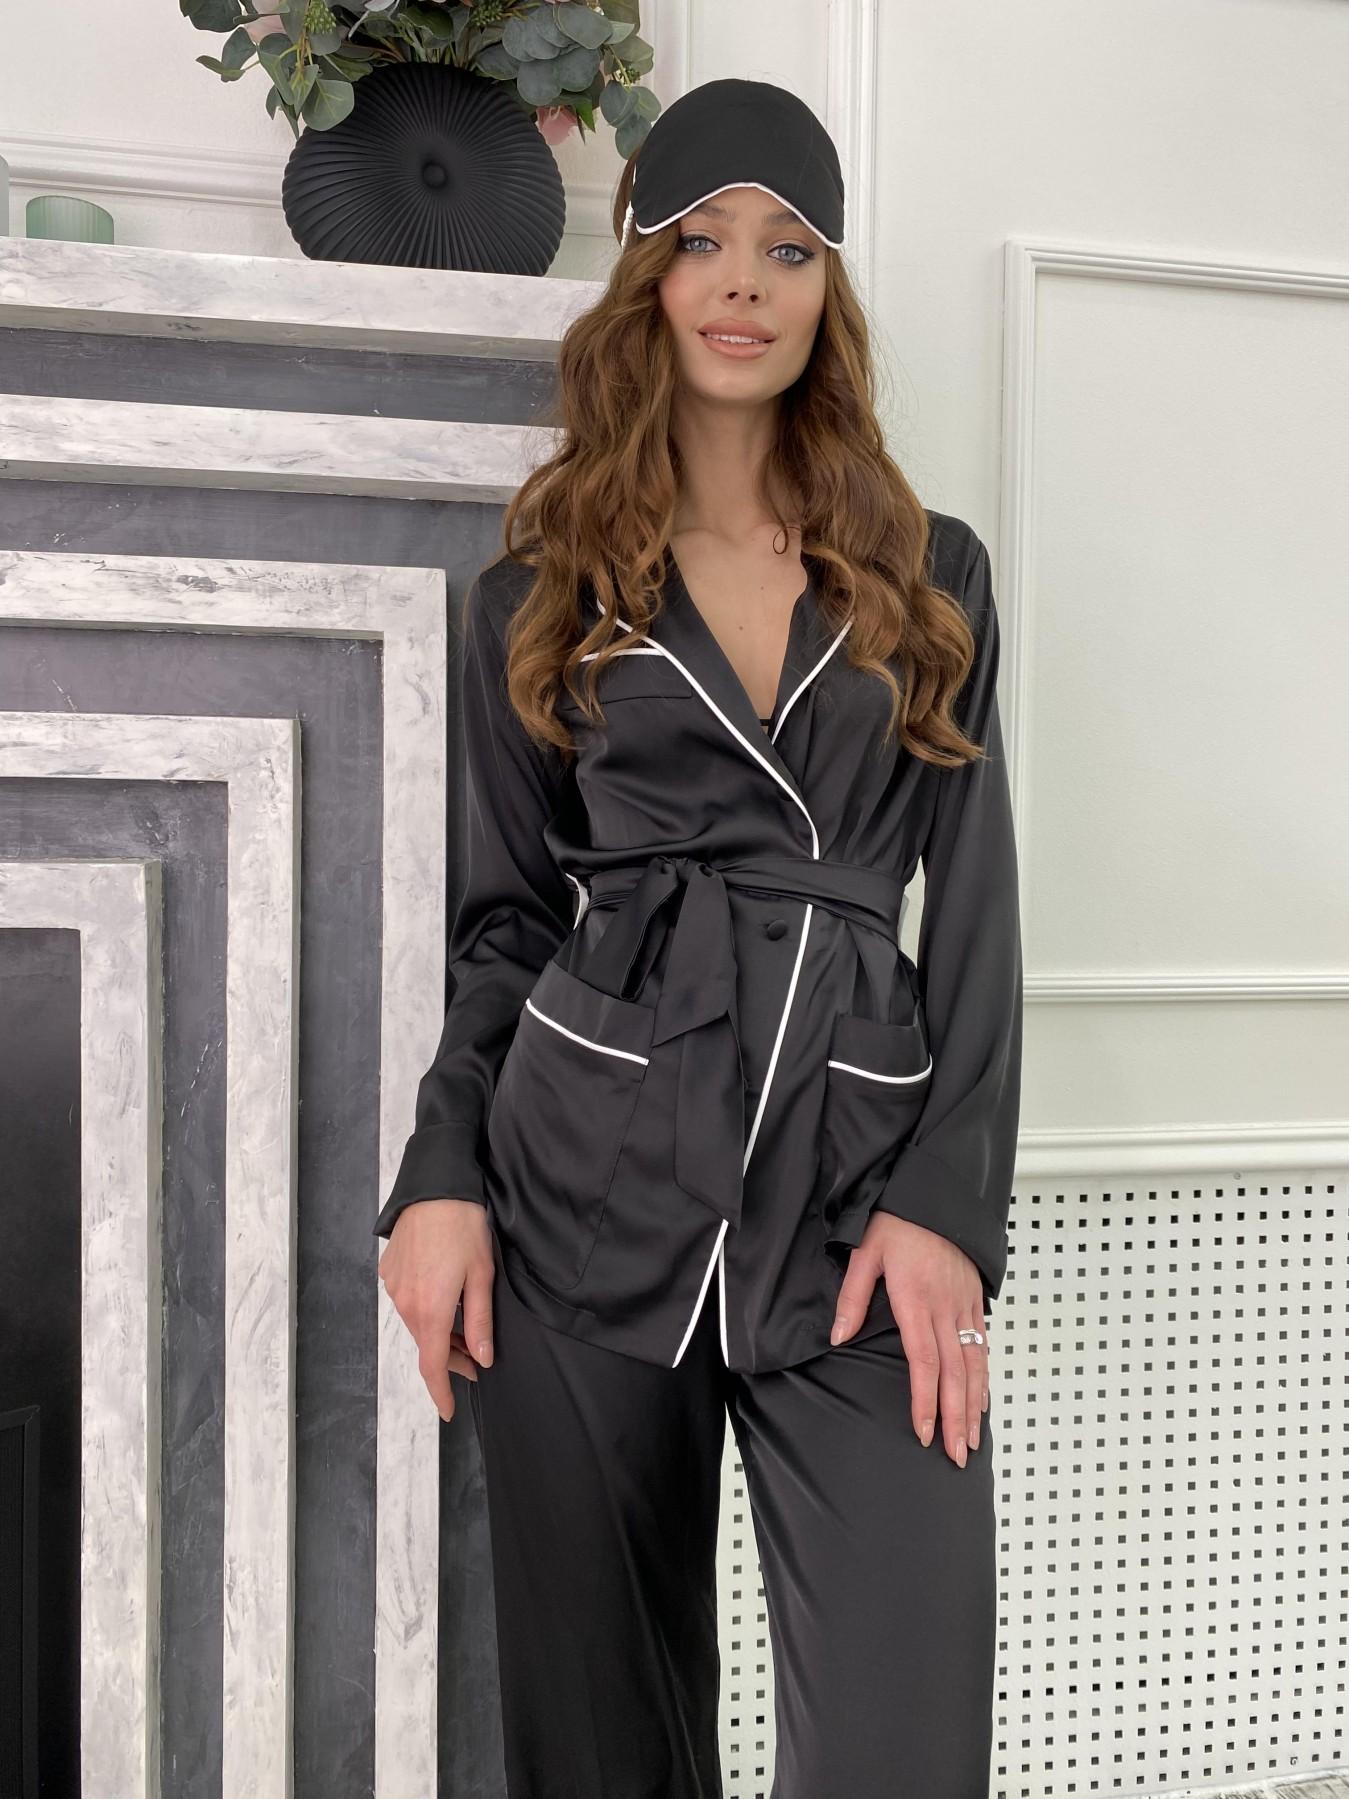 Шайн костюм из шелка  10778 АРТ. 47216 Цвет: Черный - фото 6, интернет магазин tm-modus.ru